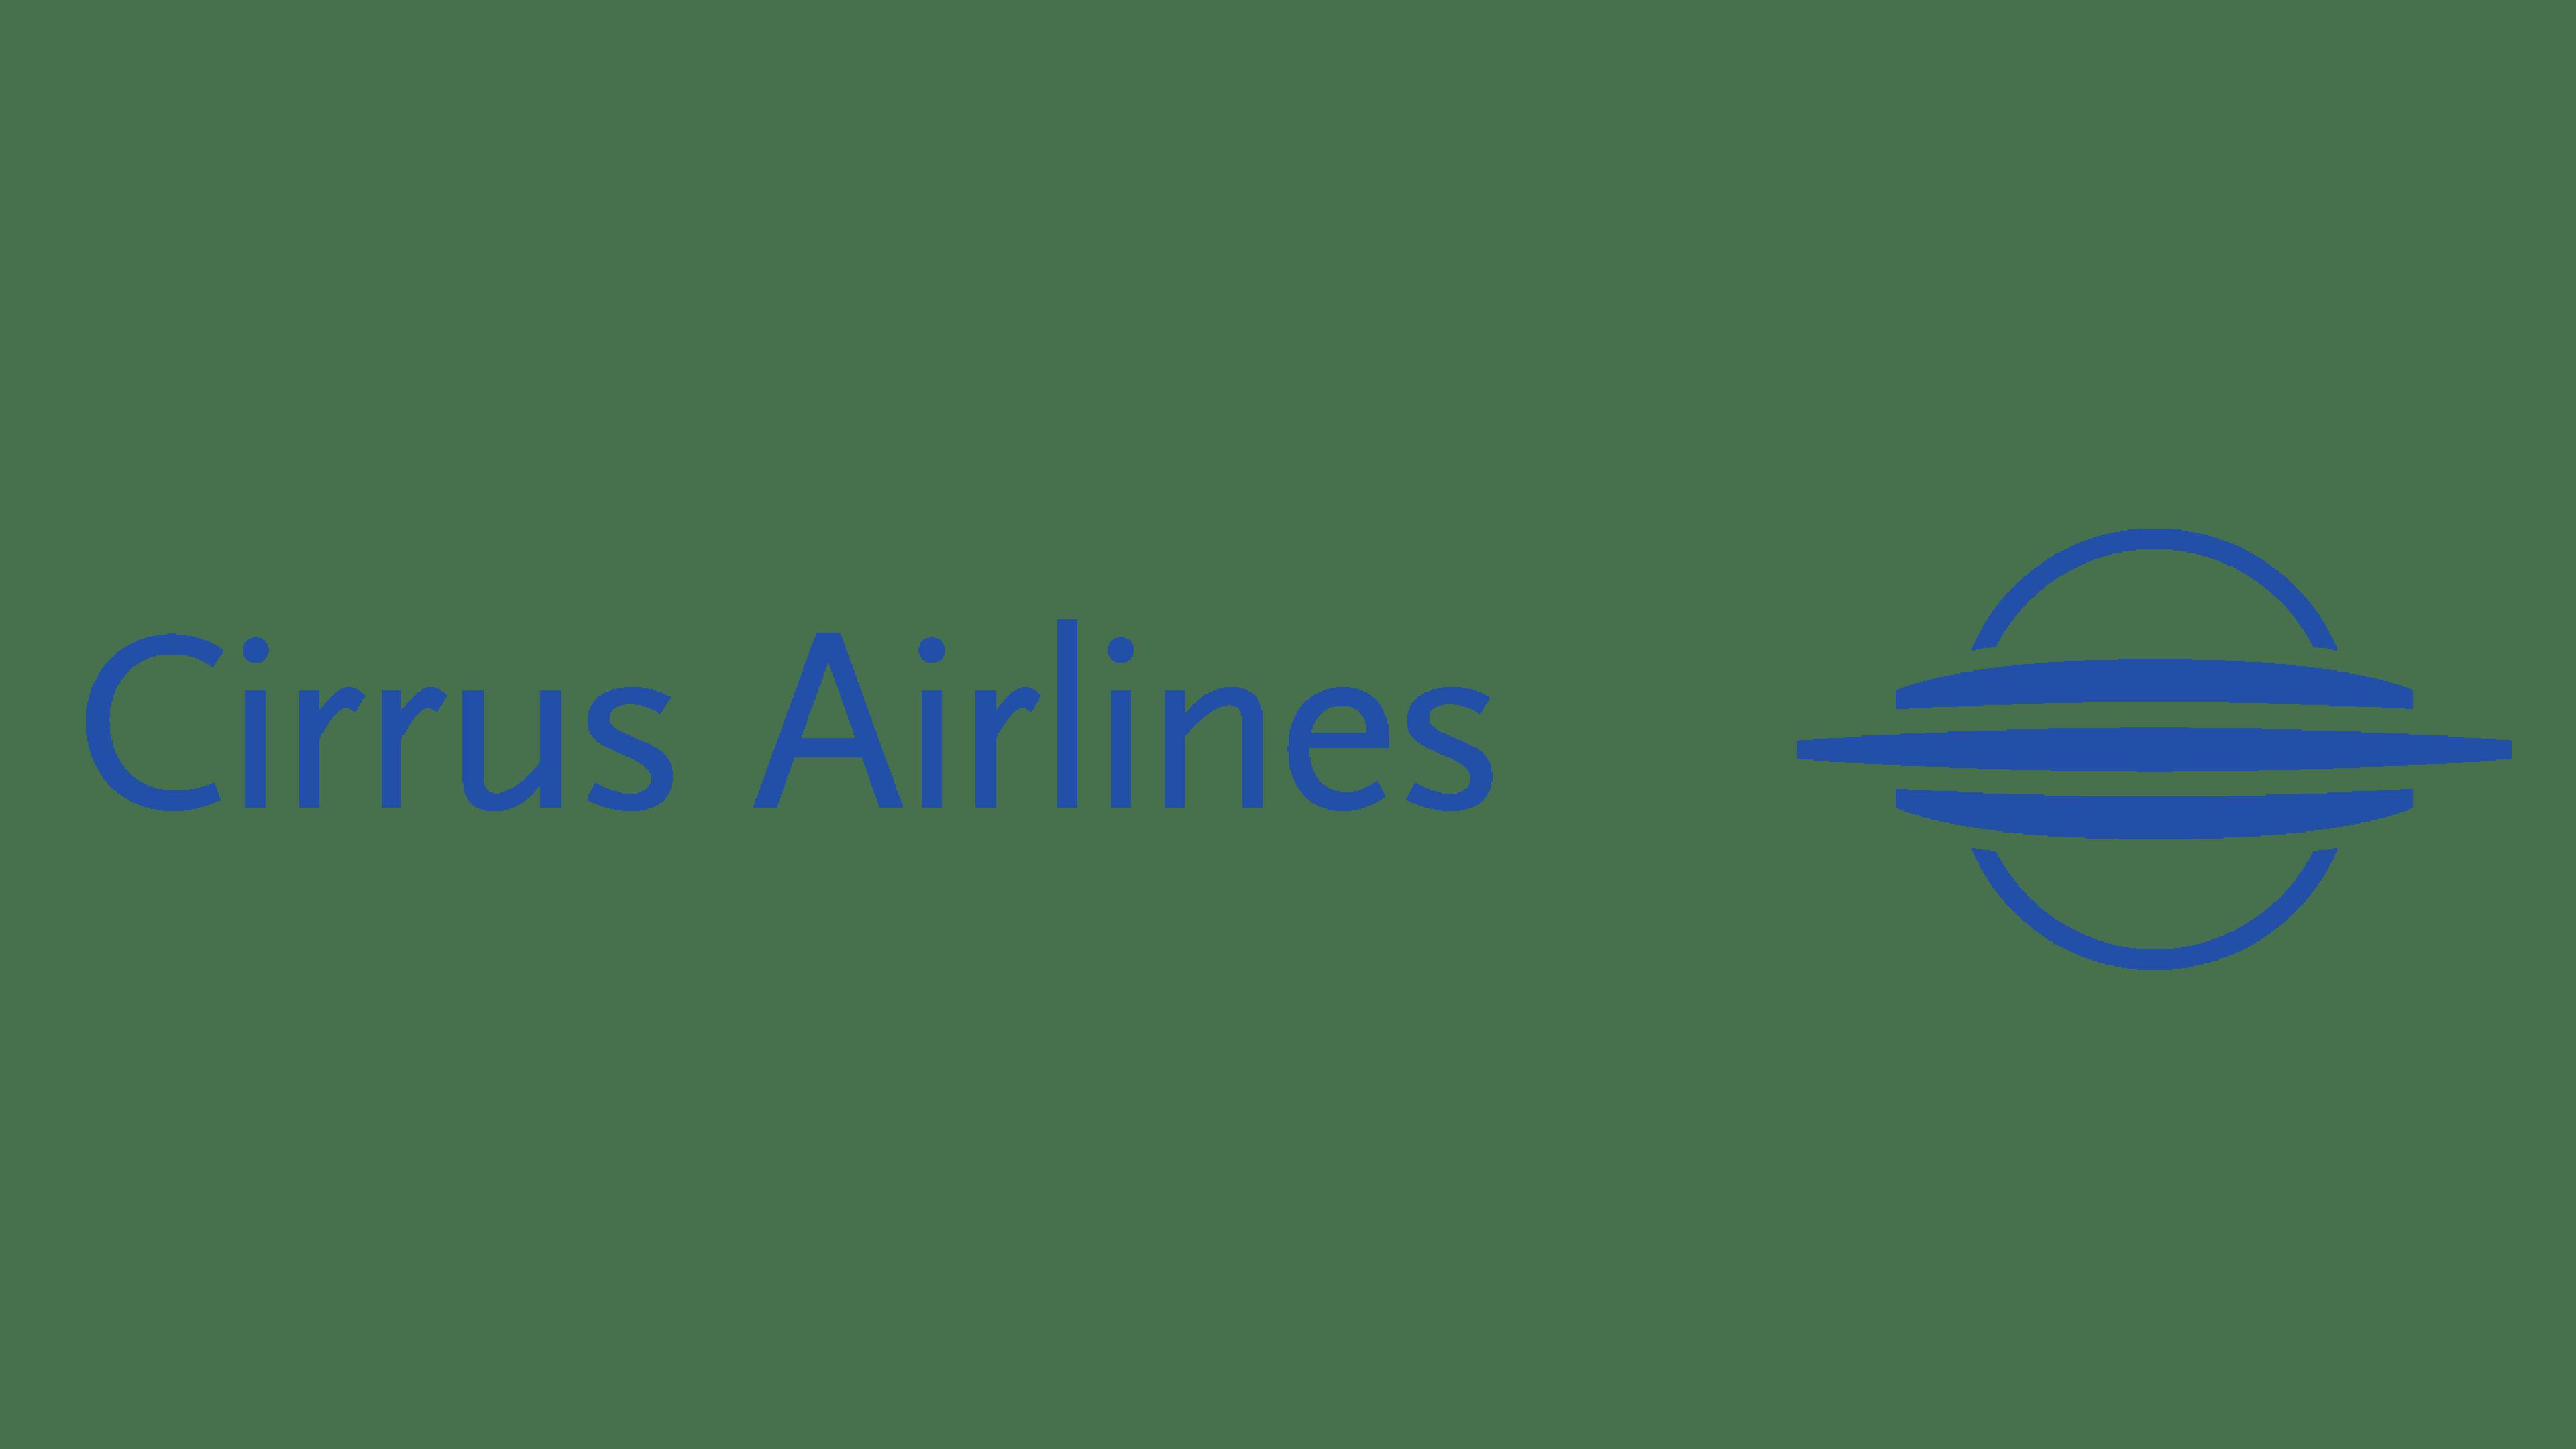 Cirrus Airlines Logo Logo